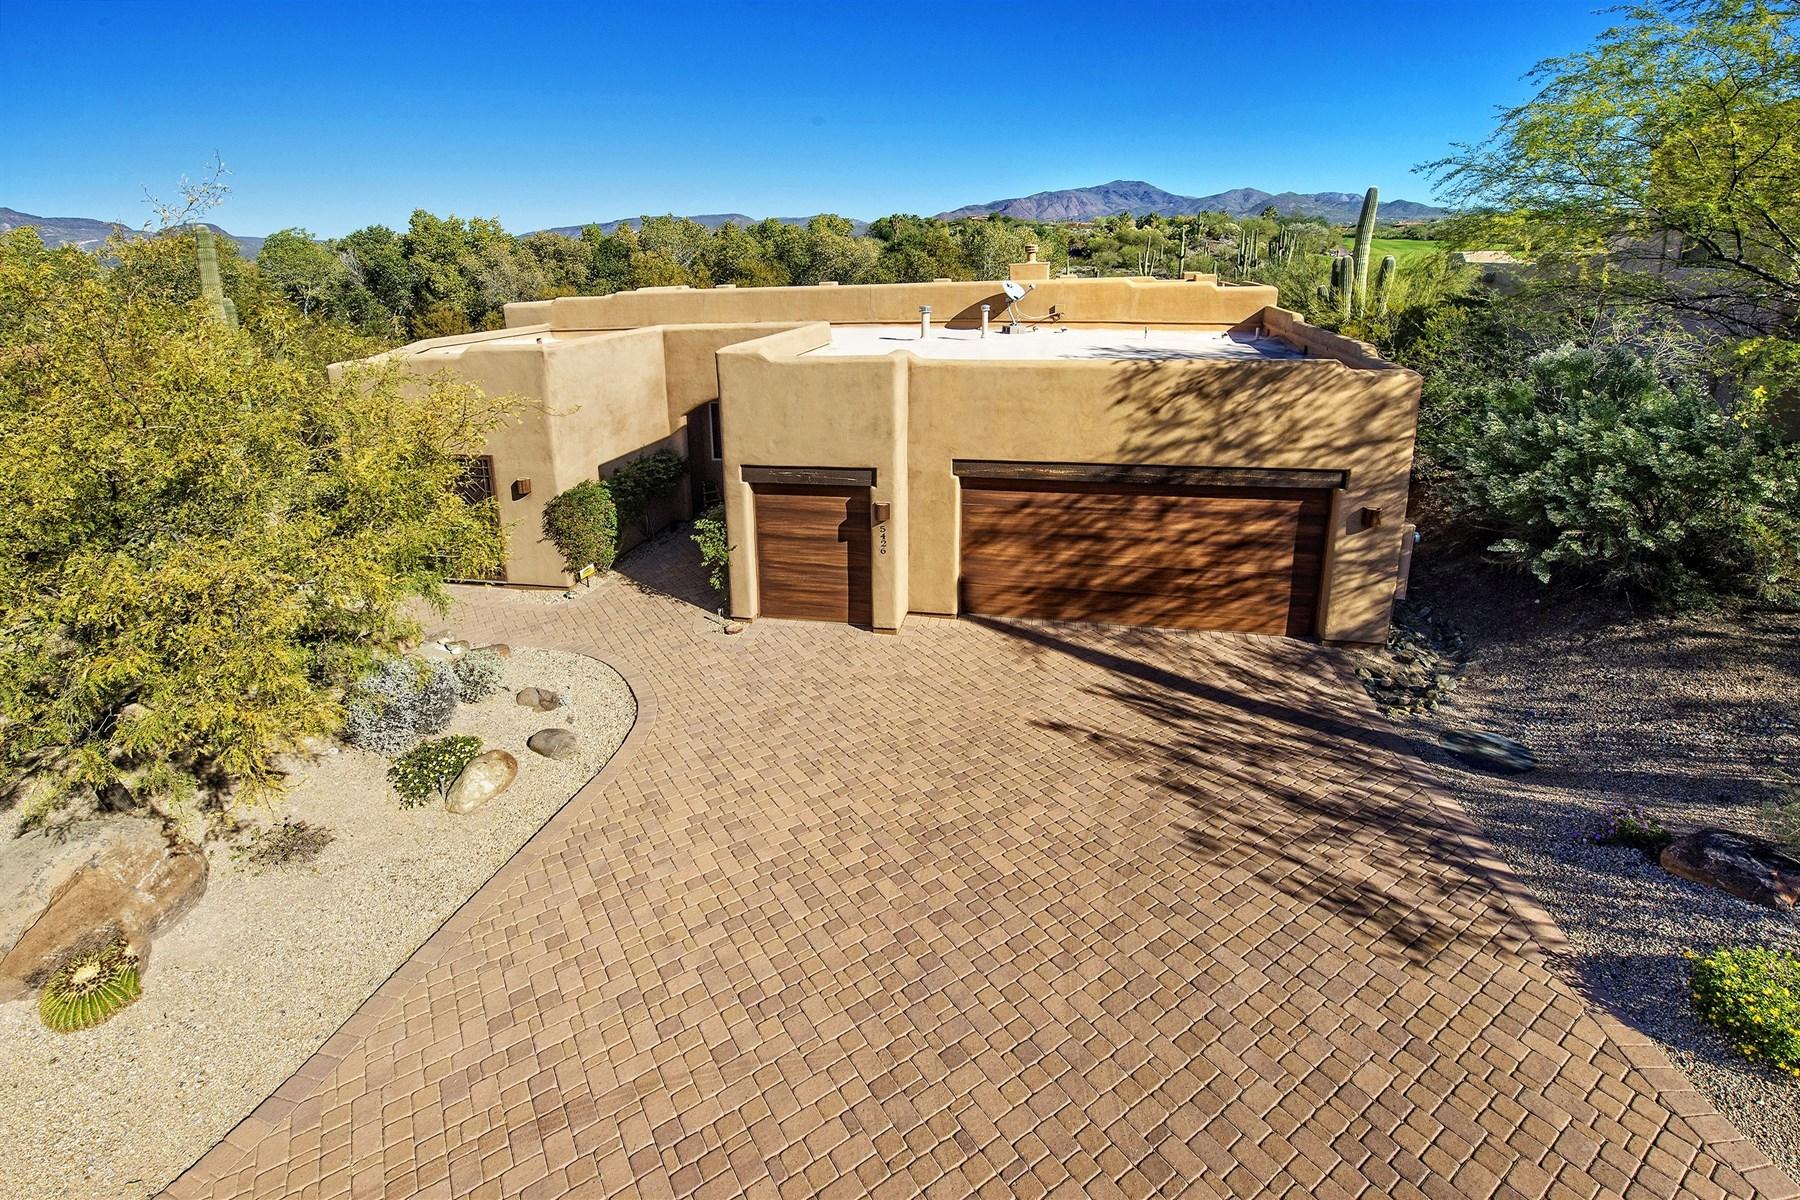 Частный односемейный дом для того Продажа на Custom home on the golf course at Rancho Manana 5426 E Miramonte Dr Cave Creek, Аризона 85331 Соединенные Штаты